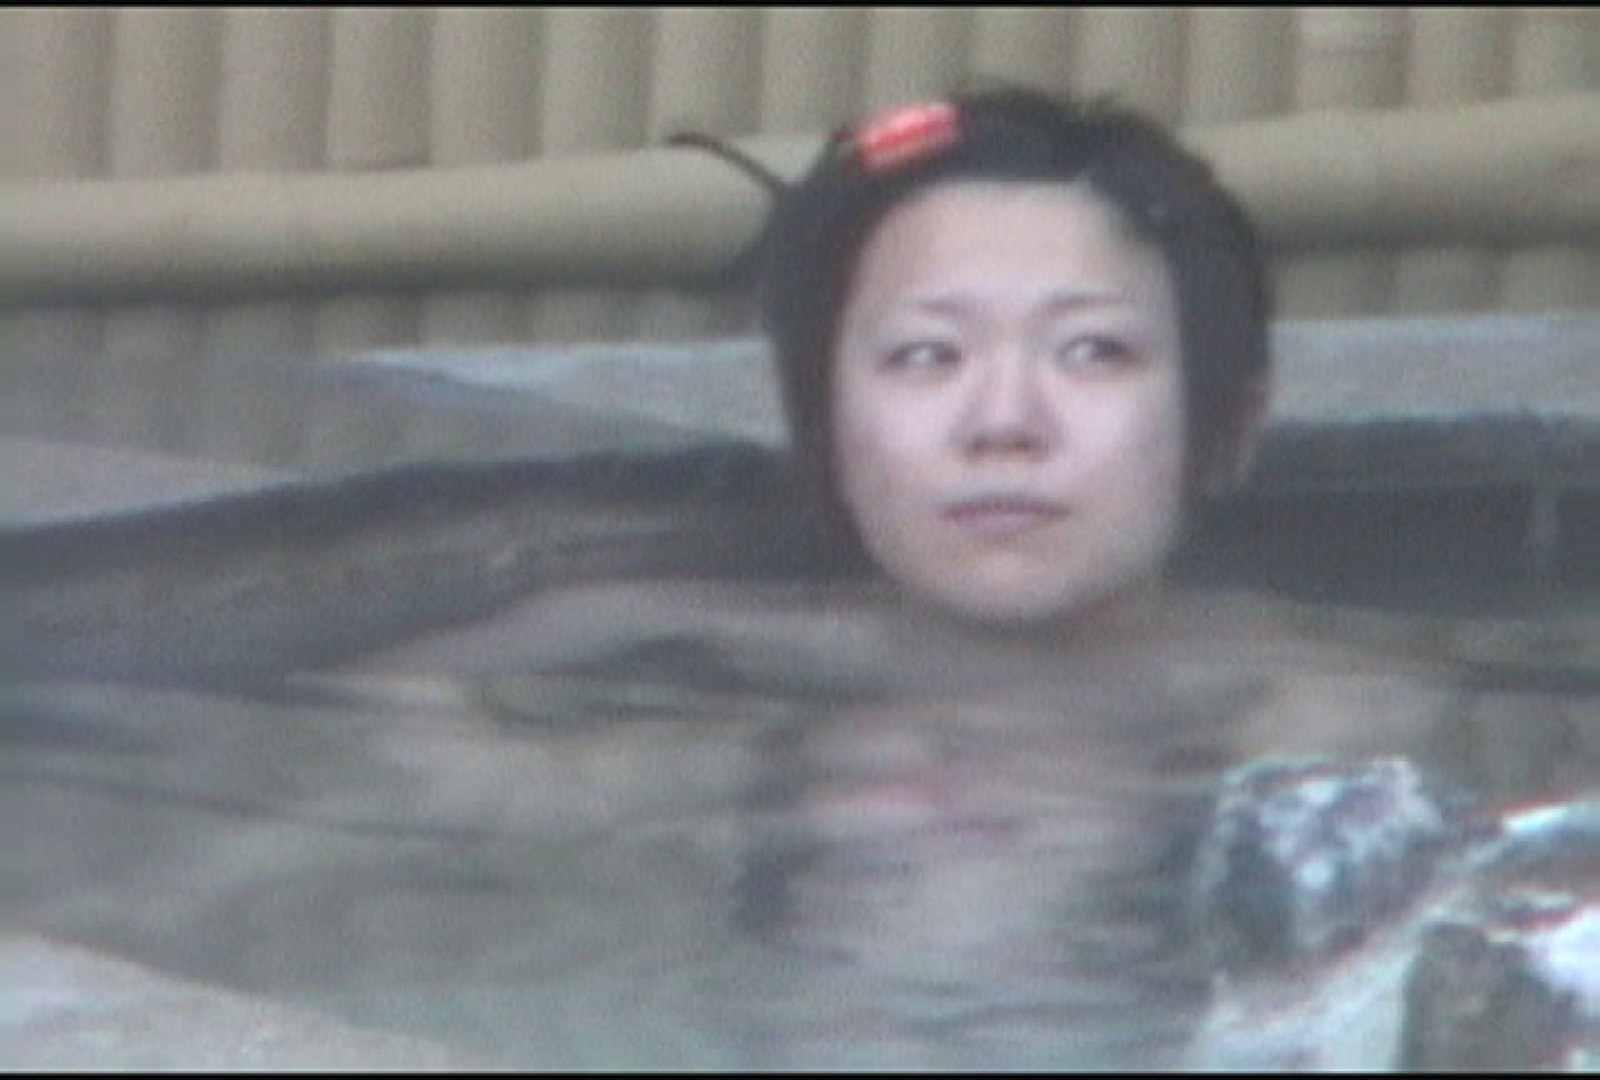 Aquaな露天風呂Vol.175 盗撮 オメコ動画キャプチャ 99枚 38